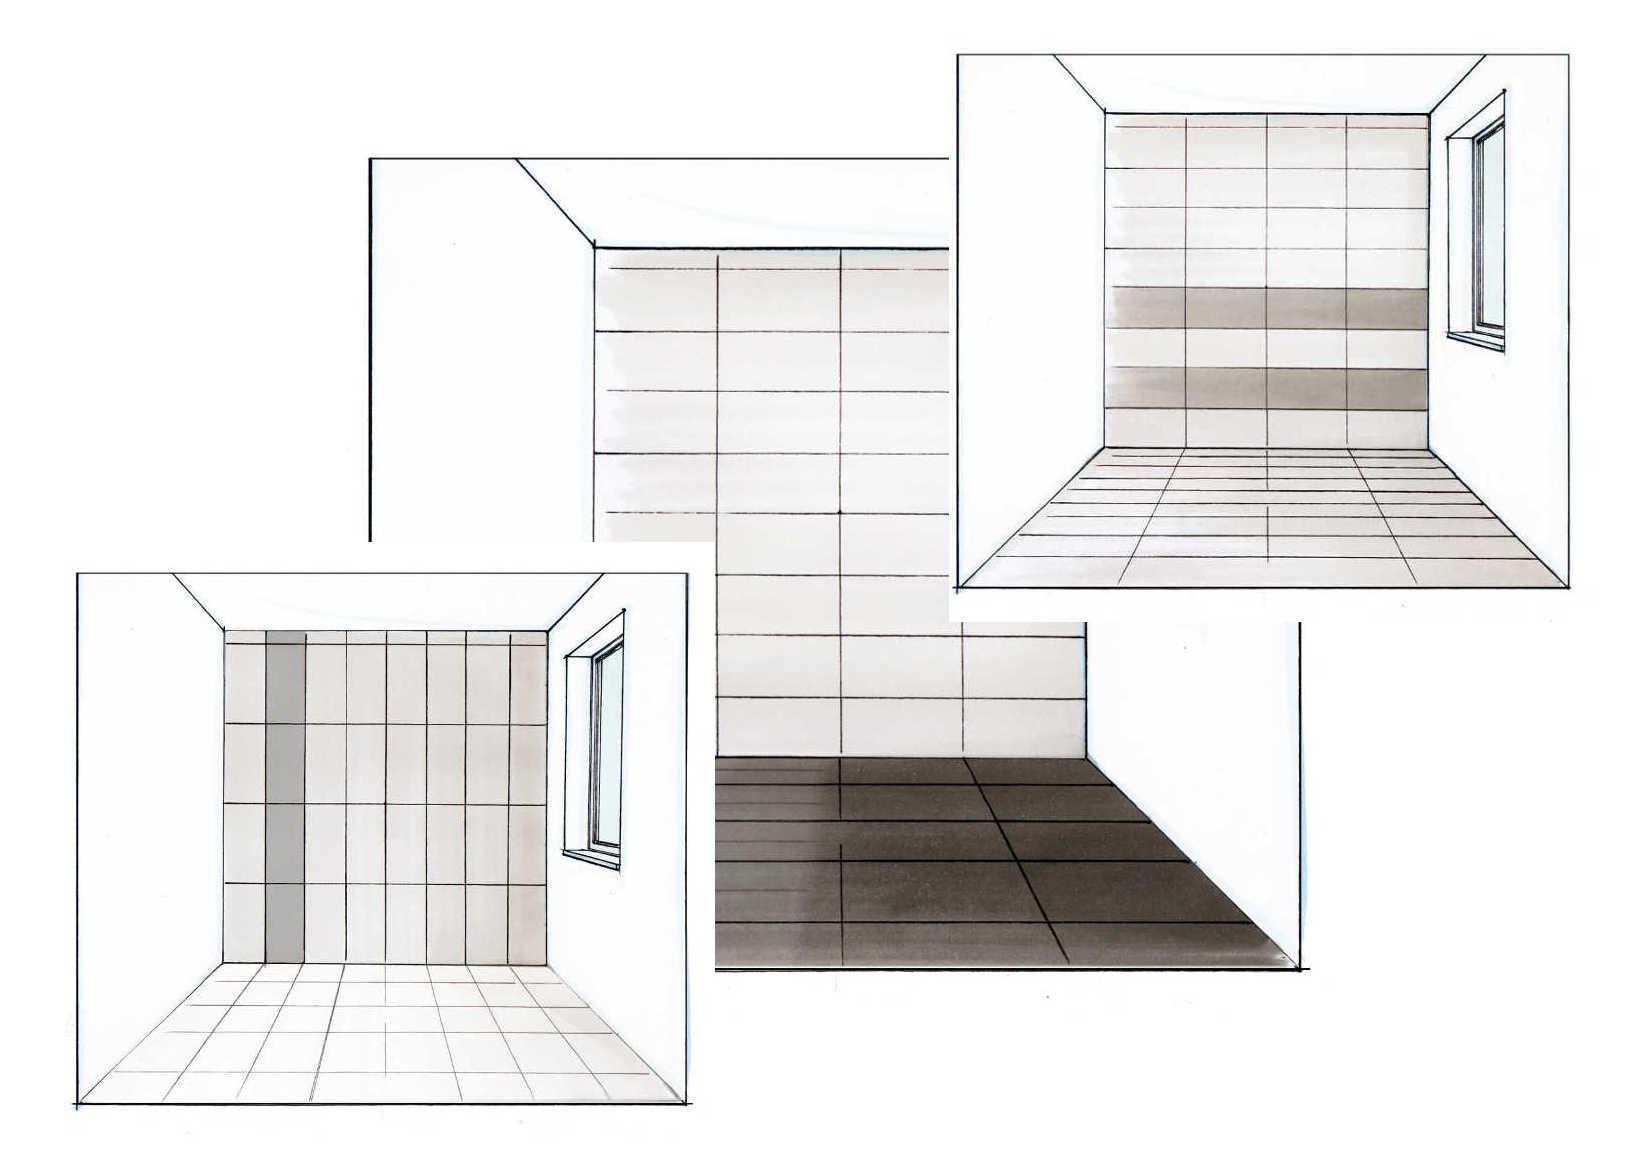 Raumproportionen mit fliesen im richtigen format verbessern for Fenster 60 x 30